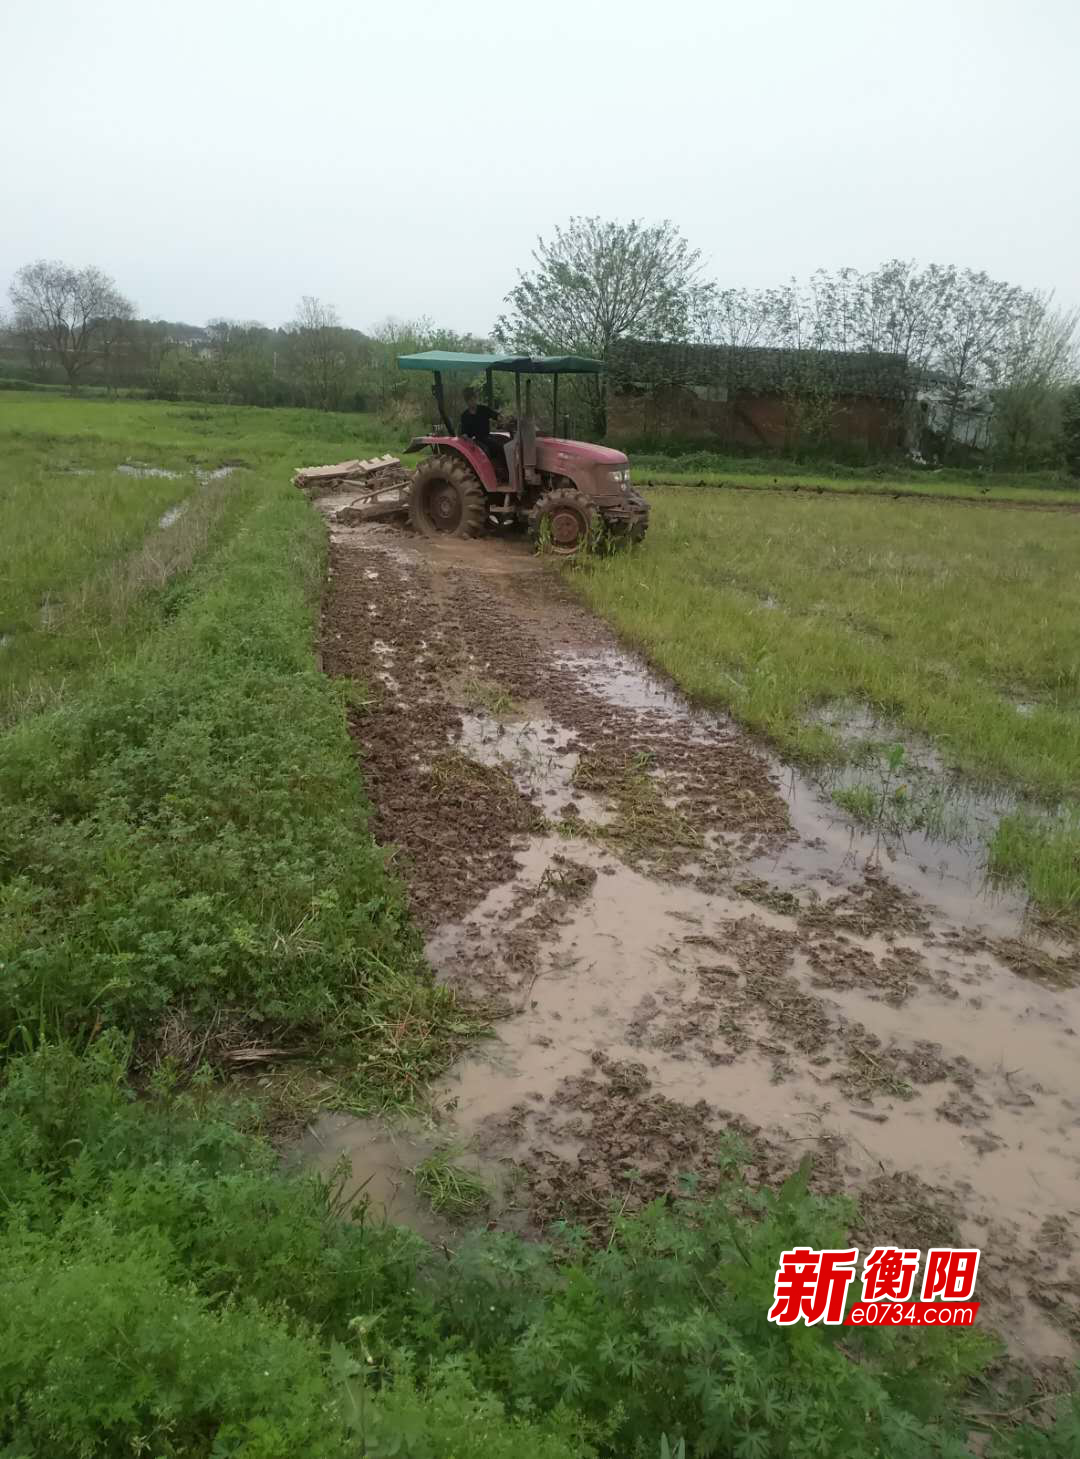 蒸湘区呆鹰岭镇全力抓好早稻生产 掀起春耕备耕热潮